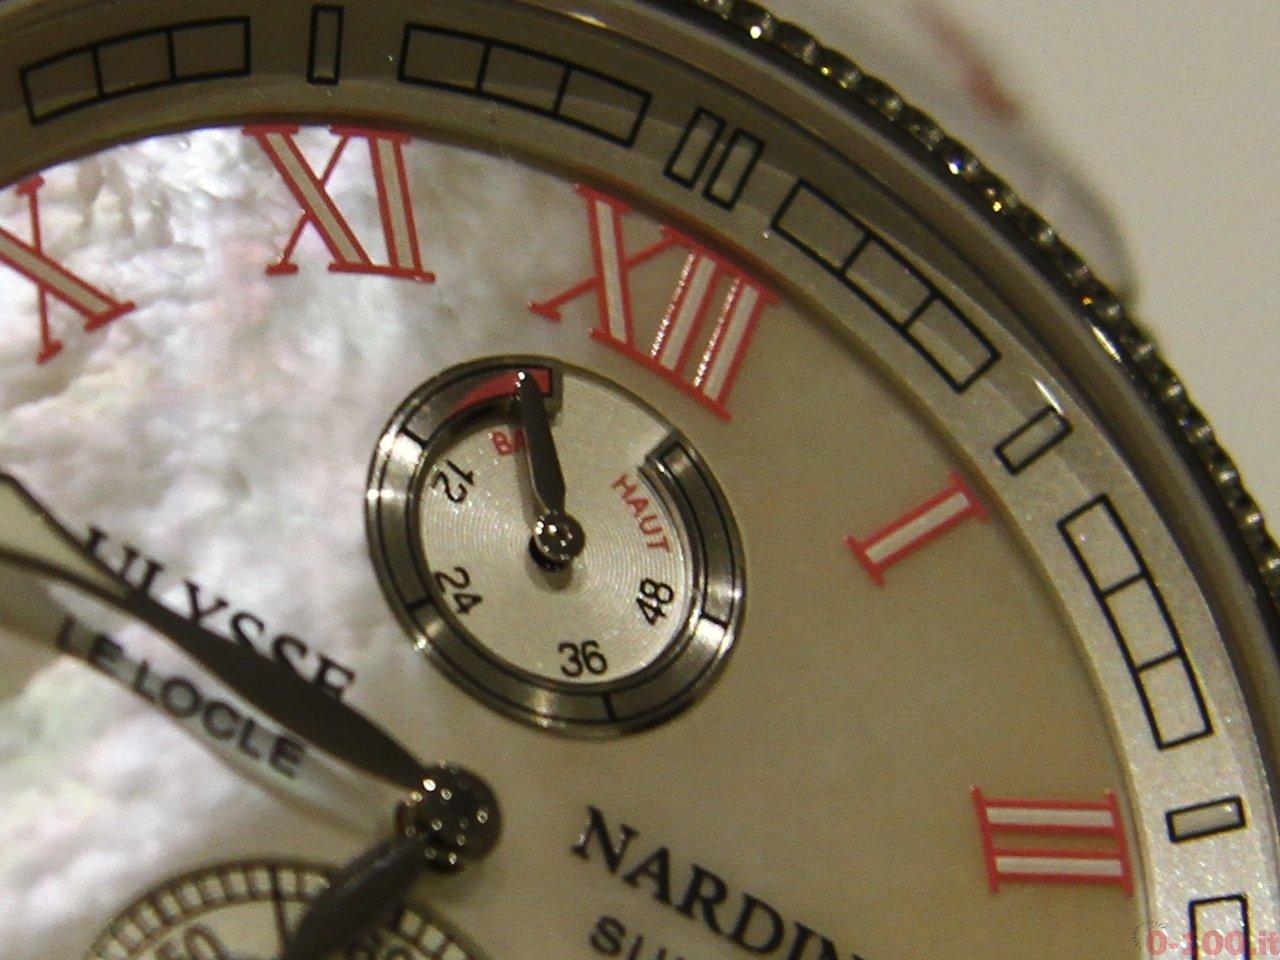 baselworld-2015-ulysse-nardin-lades-marine-chronometer-0-100_12